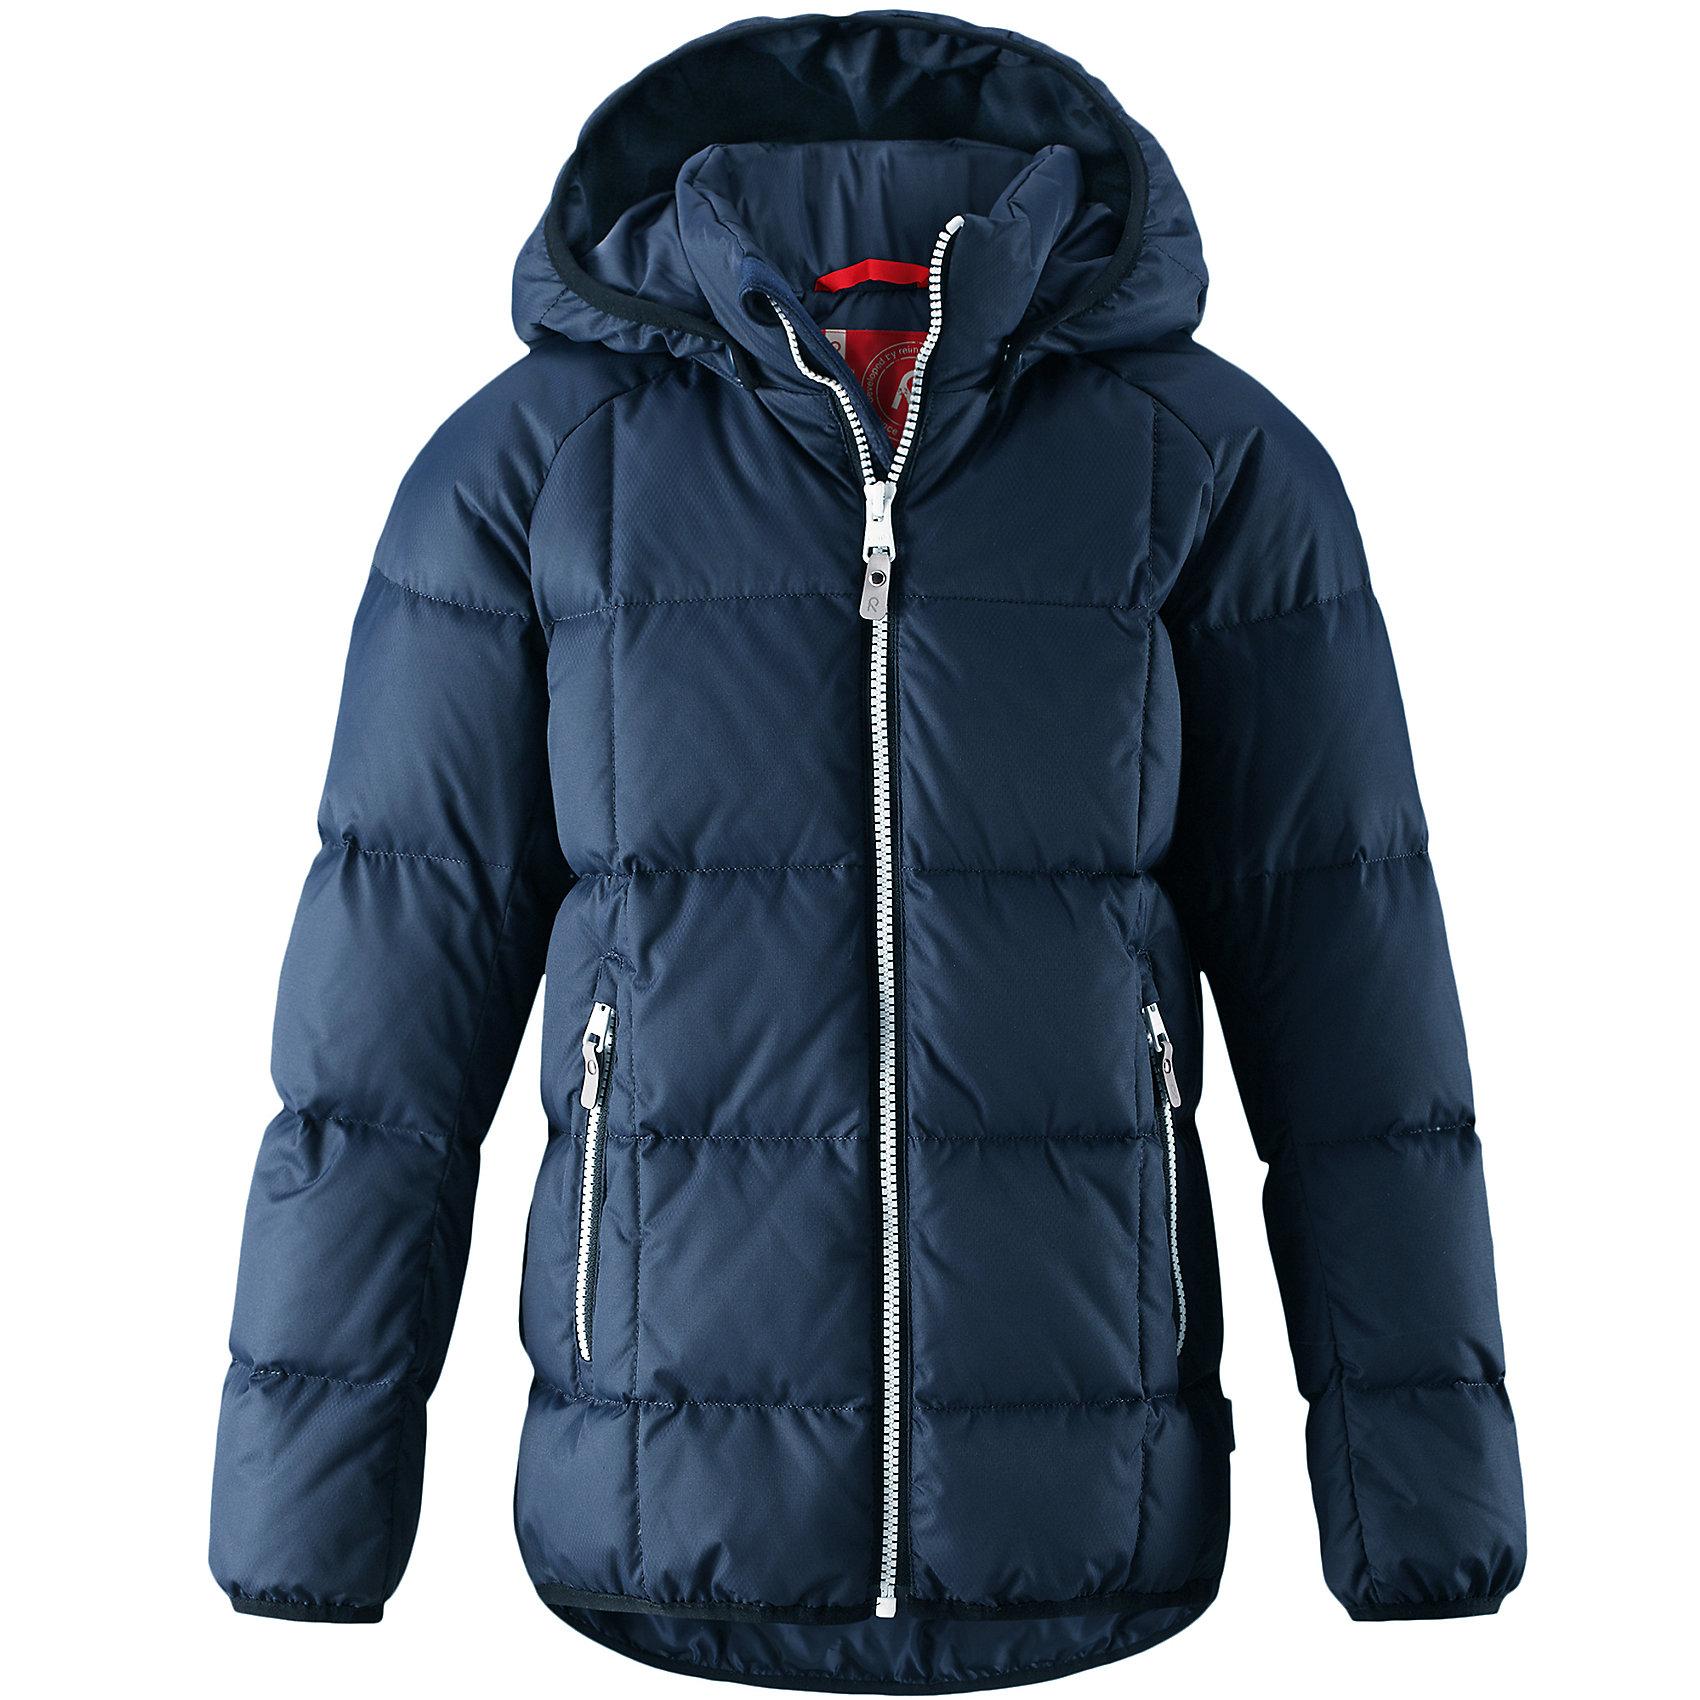 Куртка Reima JordОдежда<br>Куртка-пуховик для детей и подростков в спортивно-городском стиле. Поверхность с ромбовидным узором добби, утеплитель пух/перо (60/40%). Куртка изготовлена из дышащего, водо- и ветронепроницаемого материала, в ней вашему ребенку будет тепло и уютно в морозный день. Эта куртка с подкладкой из гладкого полиэстера легко надевается. <br><br>Снабжена безопасным съемным капюшоном, карманами на молнии и эластичной сборкой по краю капюшона, на манжетах и подоле. Куртка изготовлена из грязеотталкивающего материала, но при этом ее можно сушить в сушильной машине. <br>Состав:<br>100% Полиэстер<br><br>Ширина мм: 356<br>Глубина мм: 10<br>Высота мм: 245<br>Вес г: 519<br>Цвет: синий<br>Возраст от месяцев: 132<br>Возраст до месяцев: 144<br>Пол: Унисекс<br>Возраст: Детский<br>Размер: 152,158,164,104,110,116,122,128,134,140,146<br>SKU: 6903148